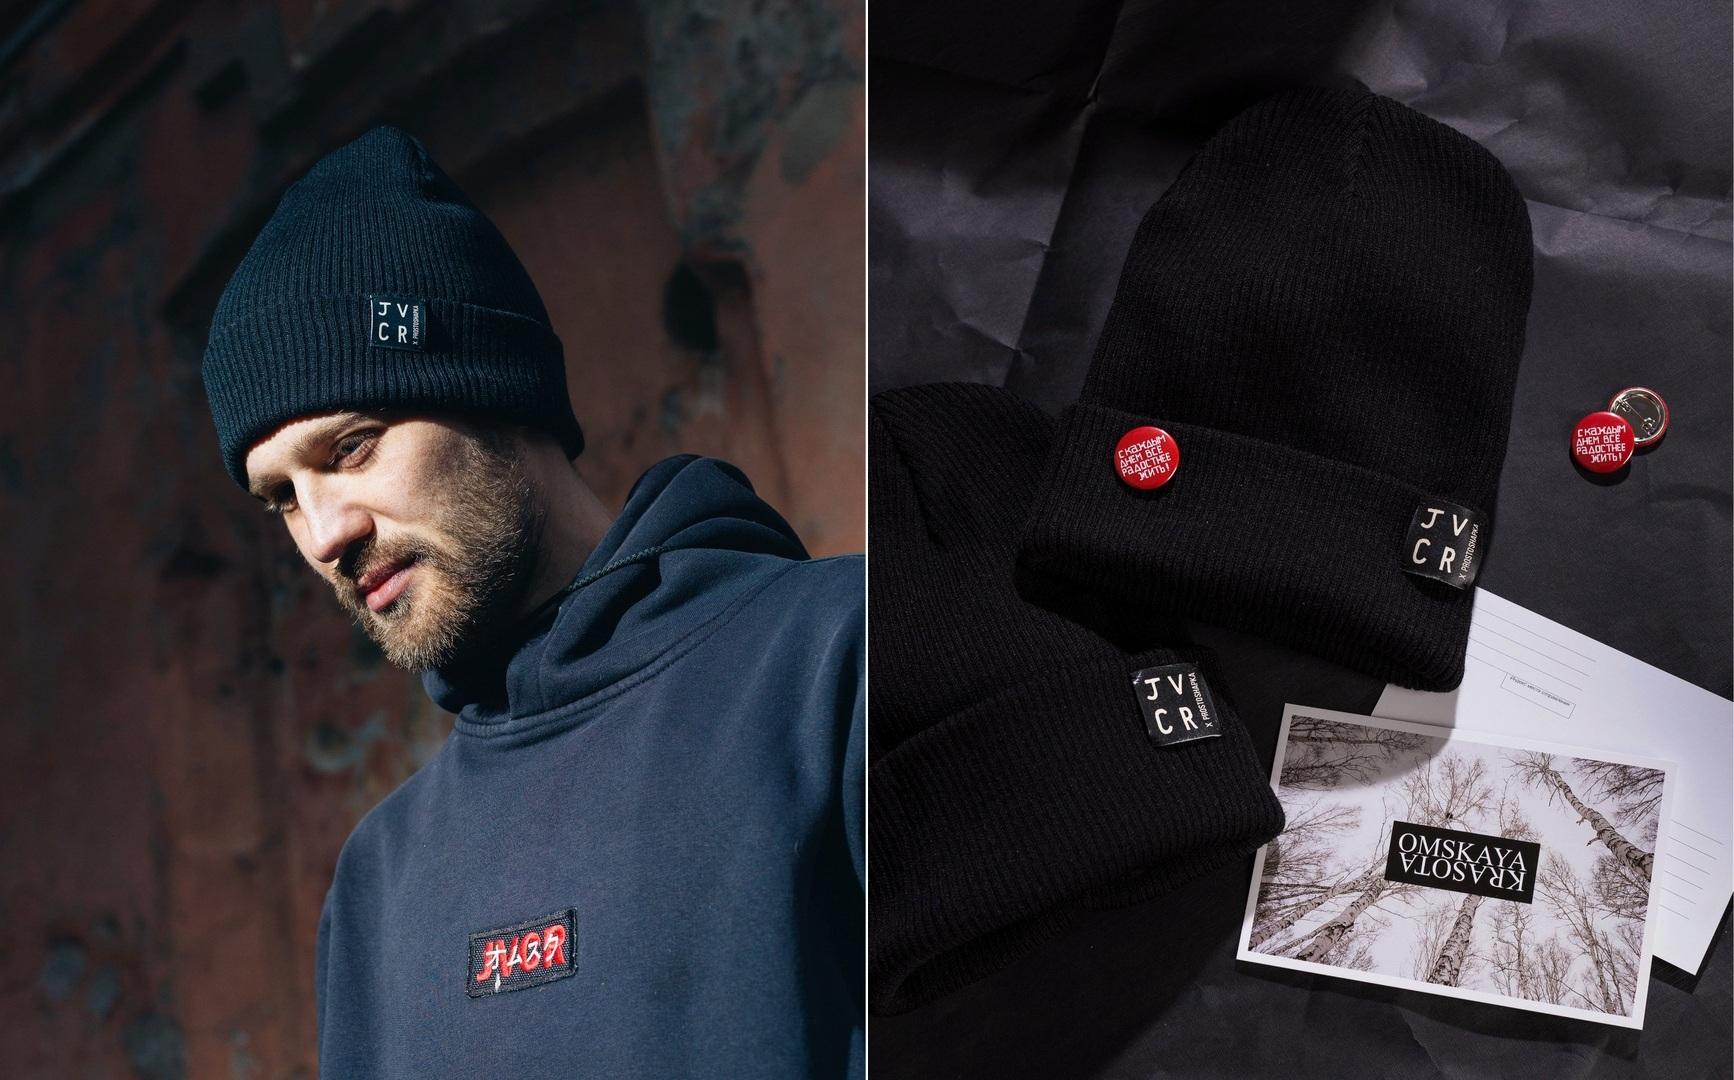 Именно так выглядит одежда этого бренда